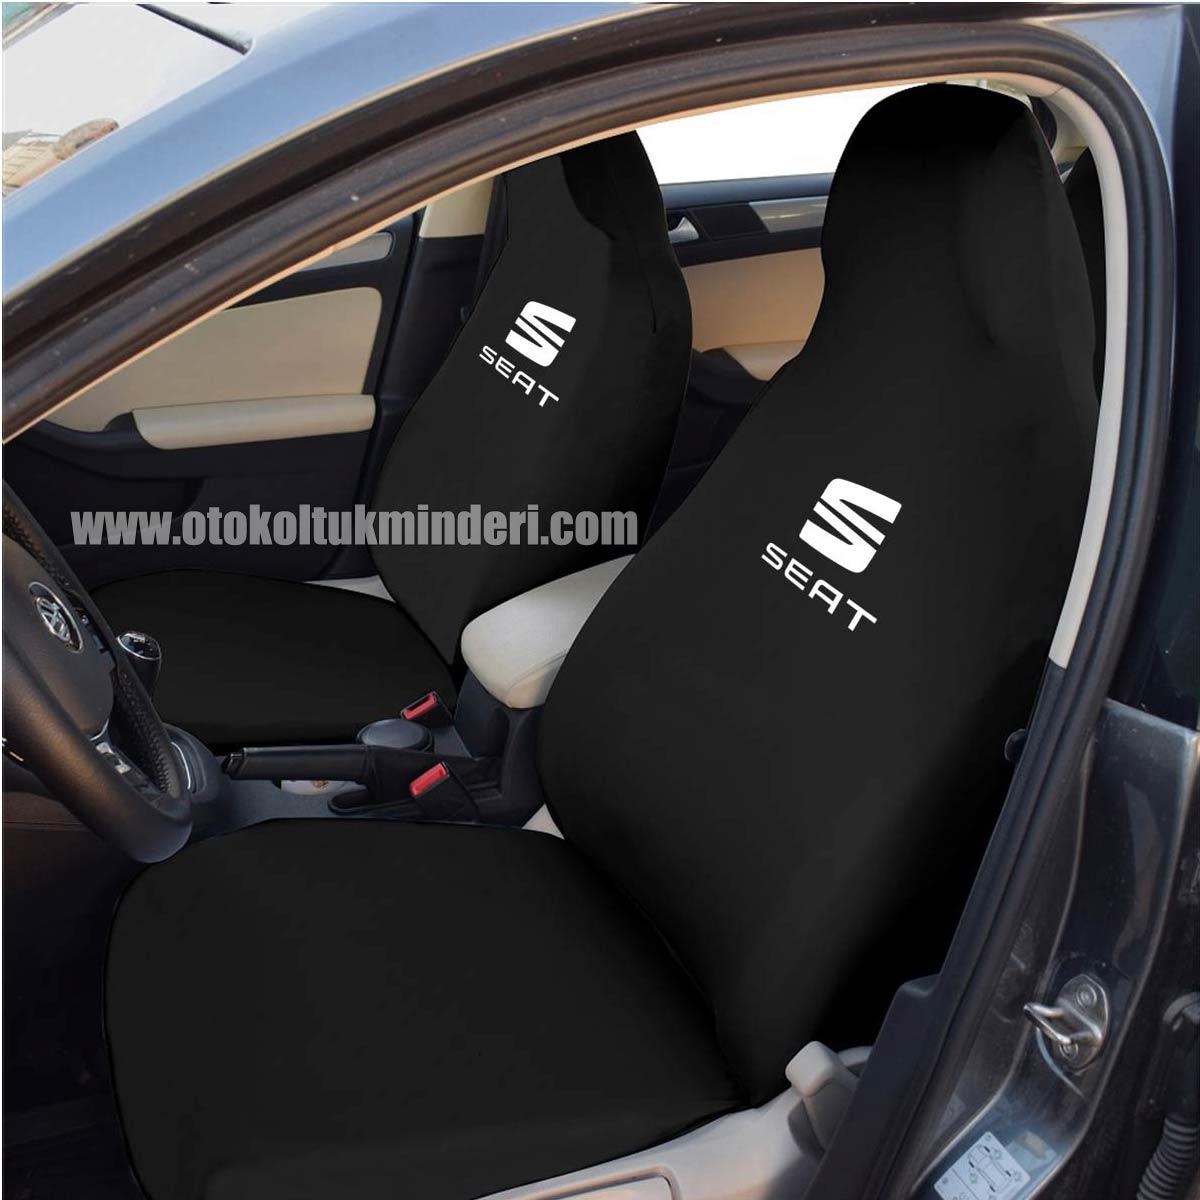 seat-on-koltuk-minderi-siayh